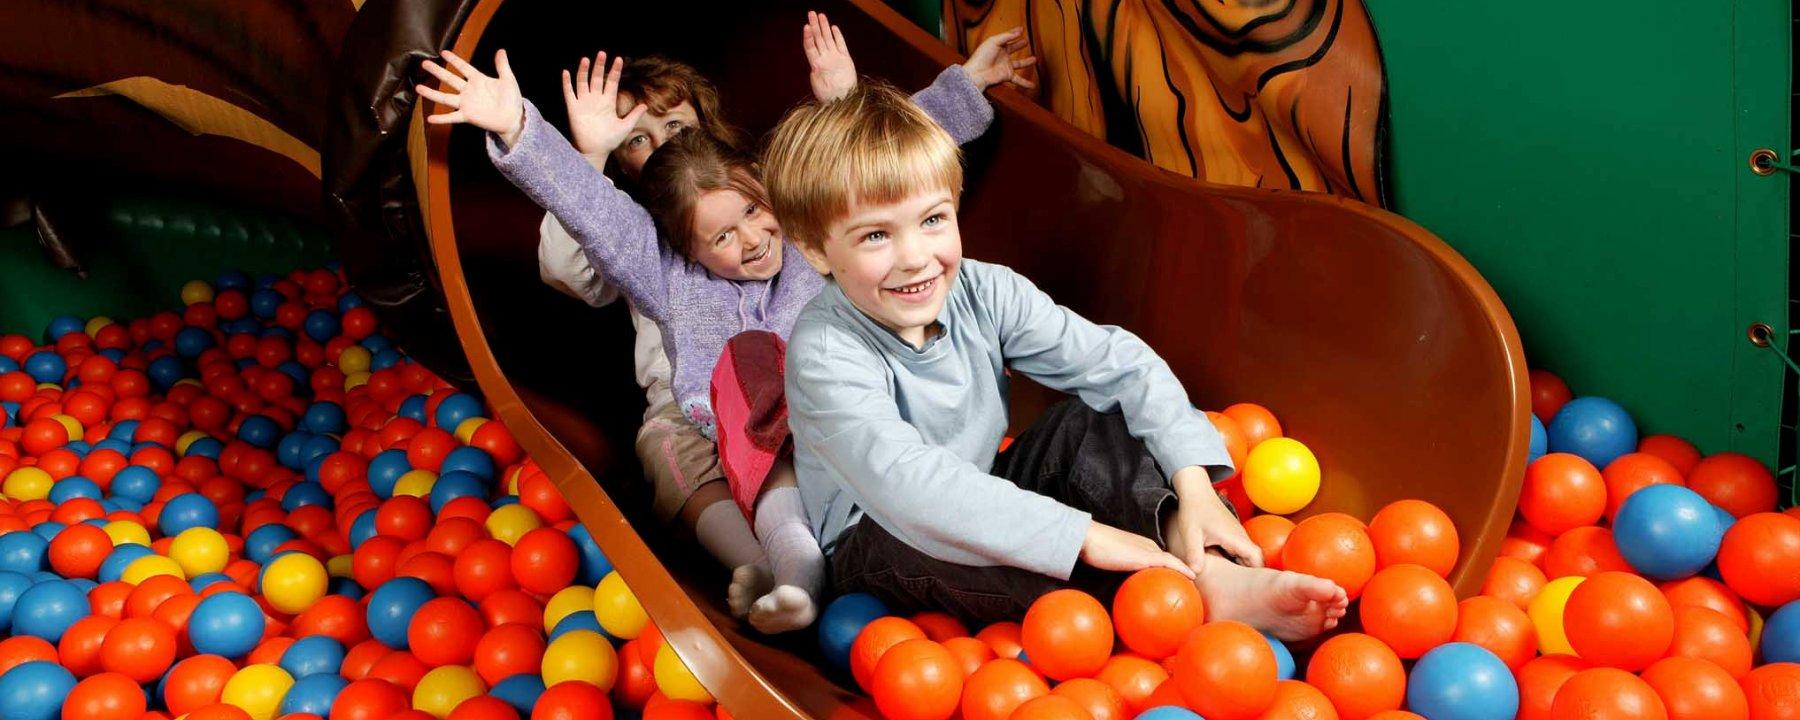 Aviemore indoor attractions and activities soft play cinema for Indoor play activities